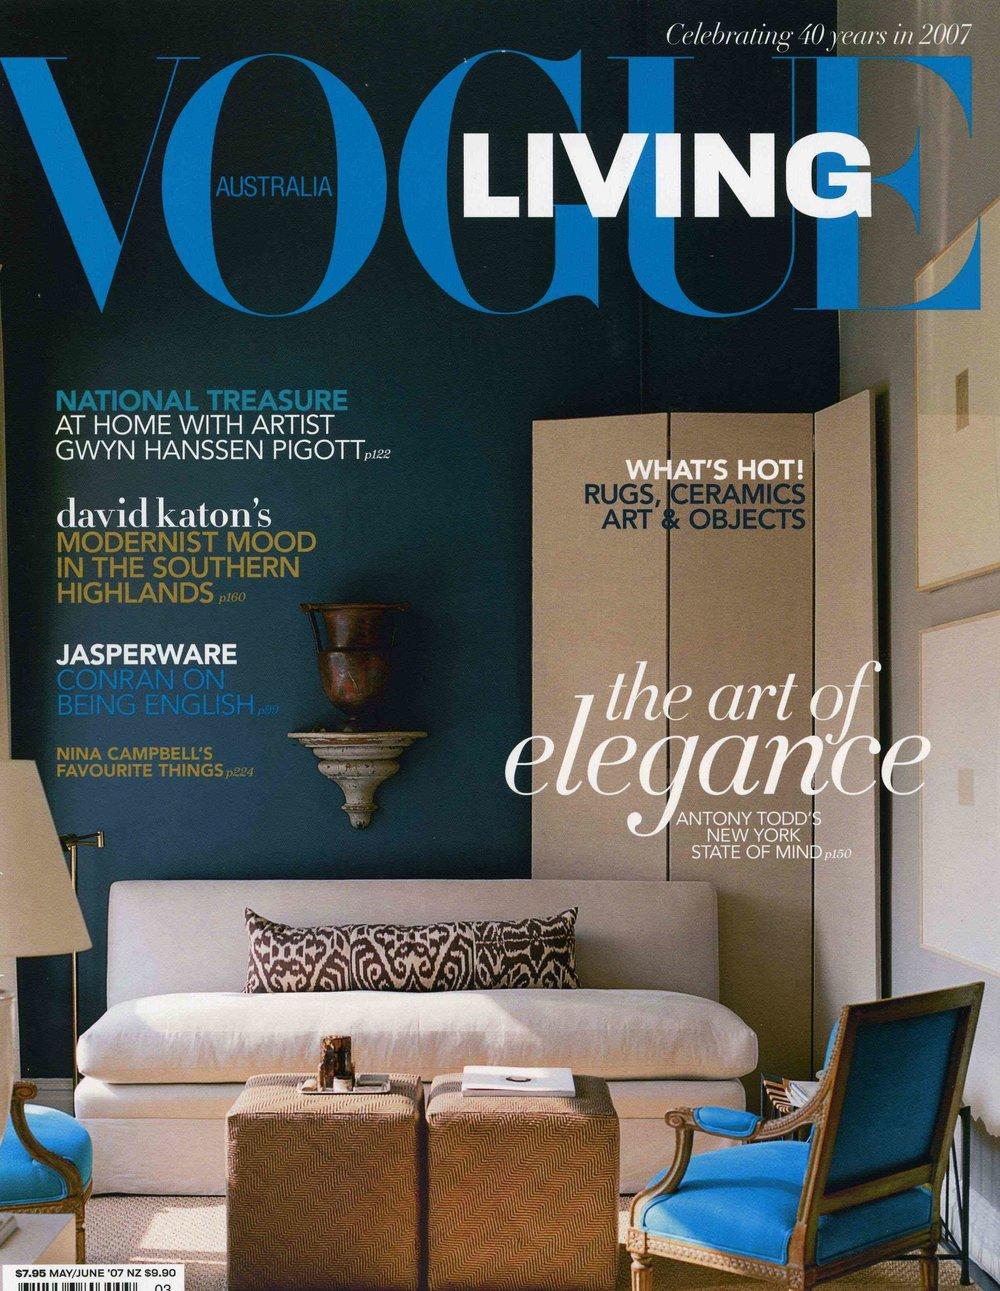 Antony_Todd_Vogue_Living_3.jpg